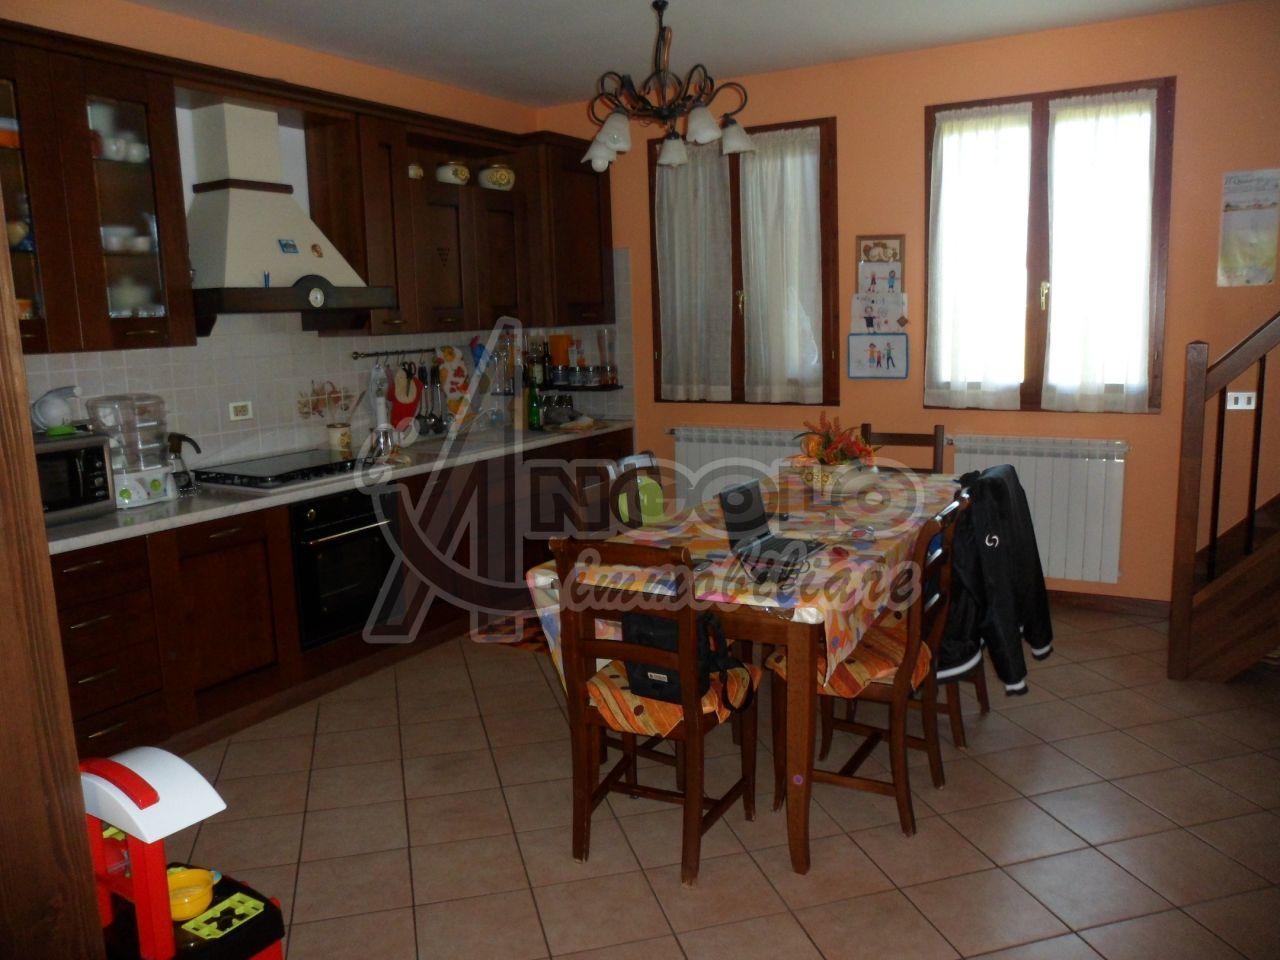 Appartamento in vendita a Canaro, 4 locali, prezzo € 89.000 | CambioCasa.it